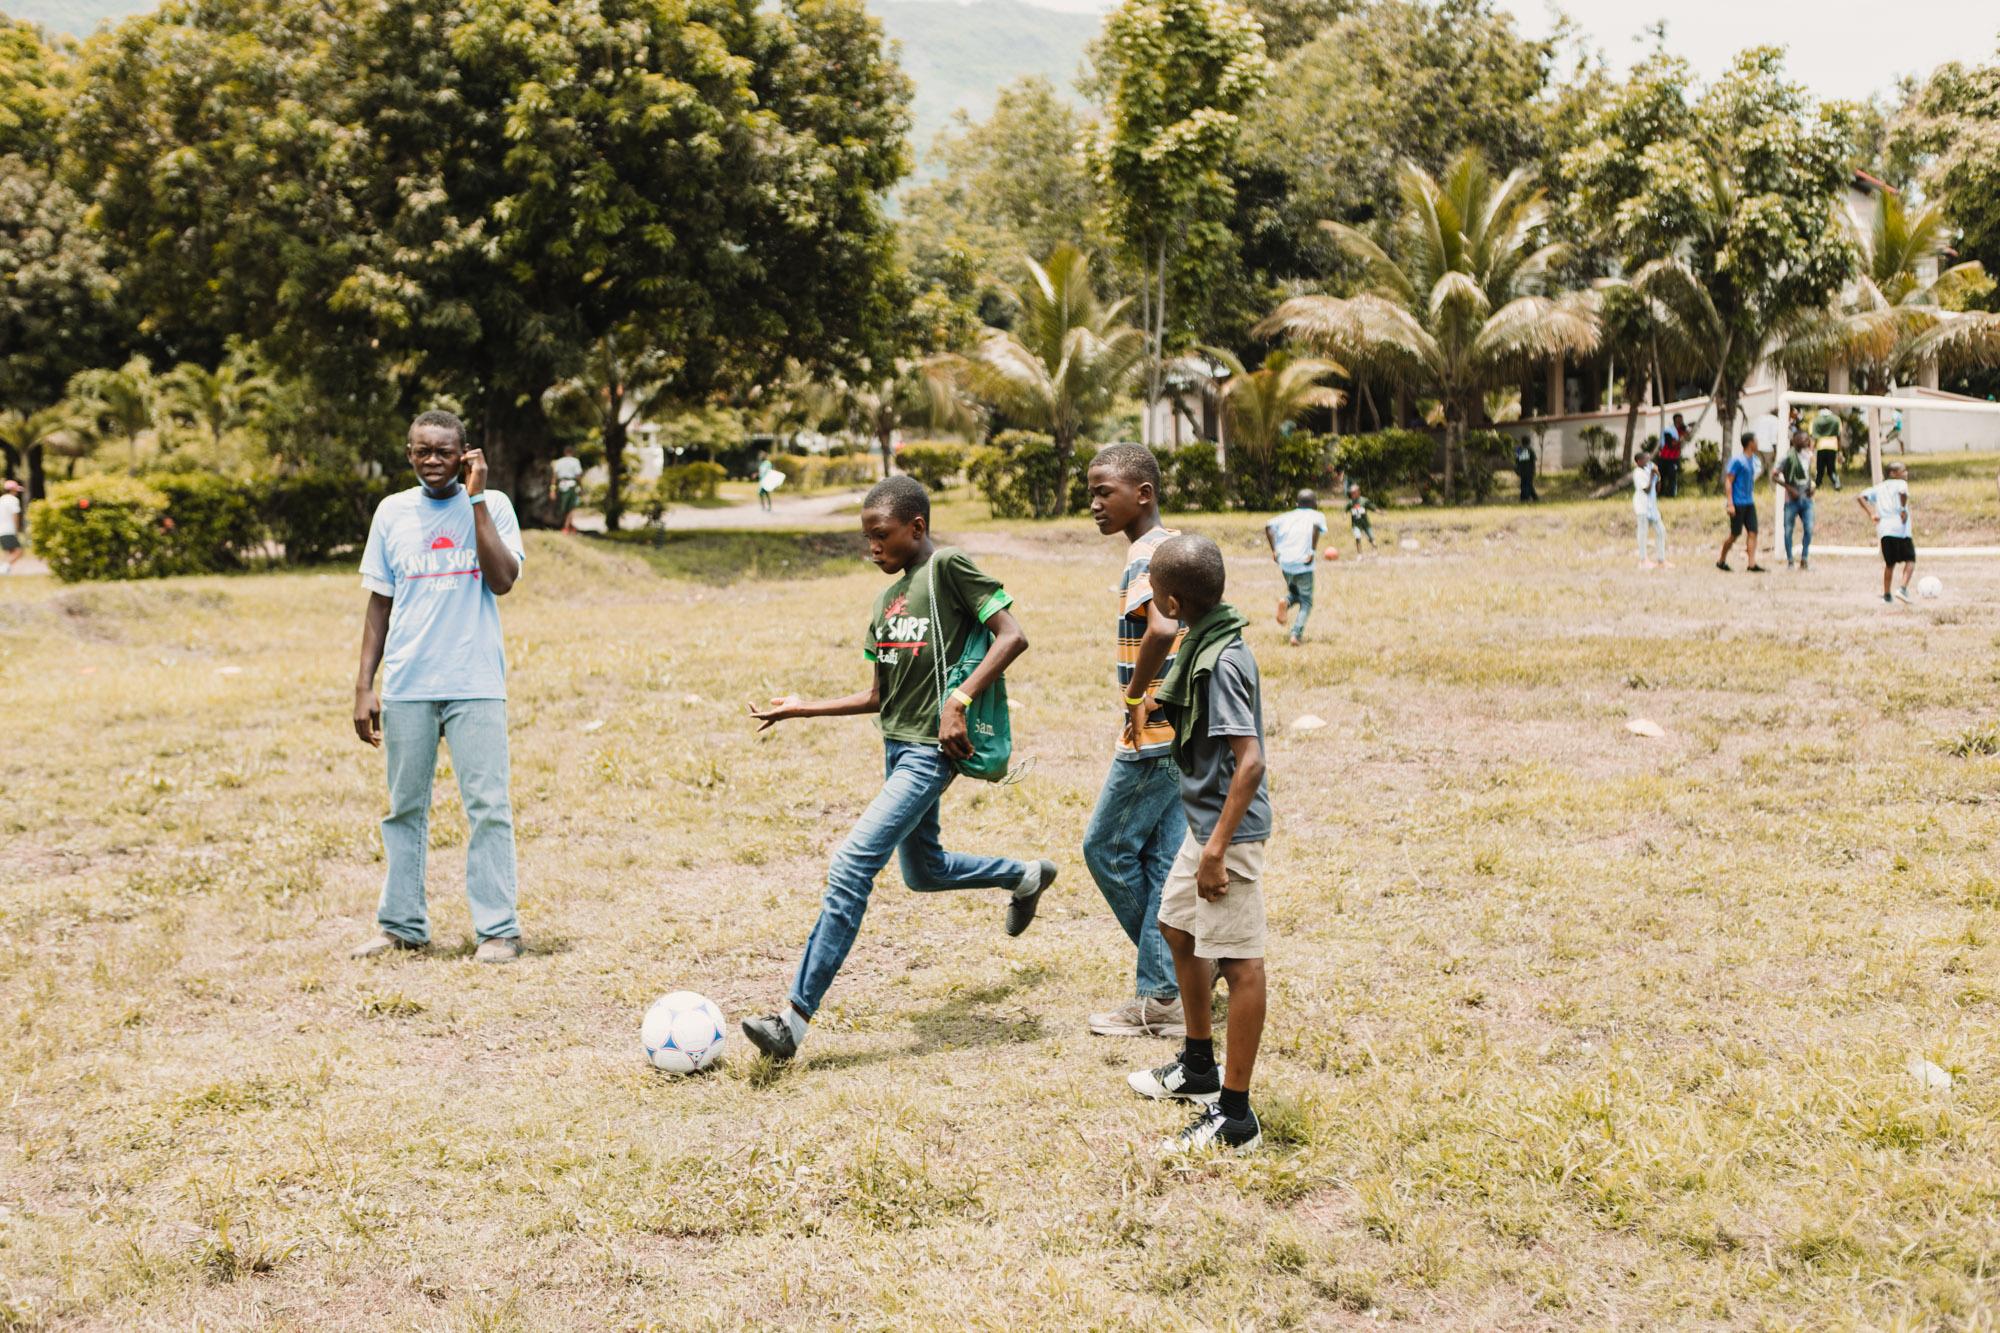 20190612_Surf City Haiti Blog_019_web.jpg